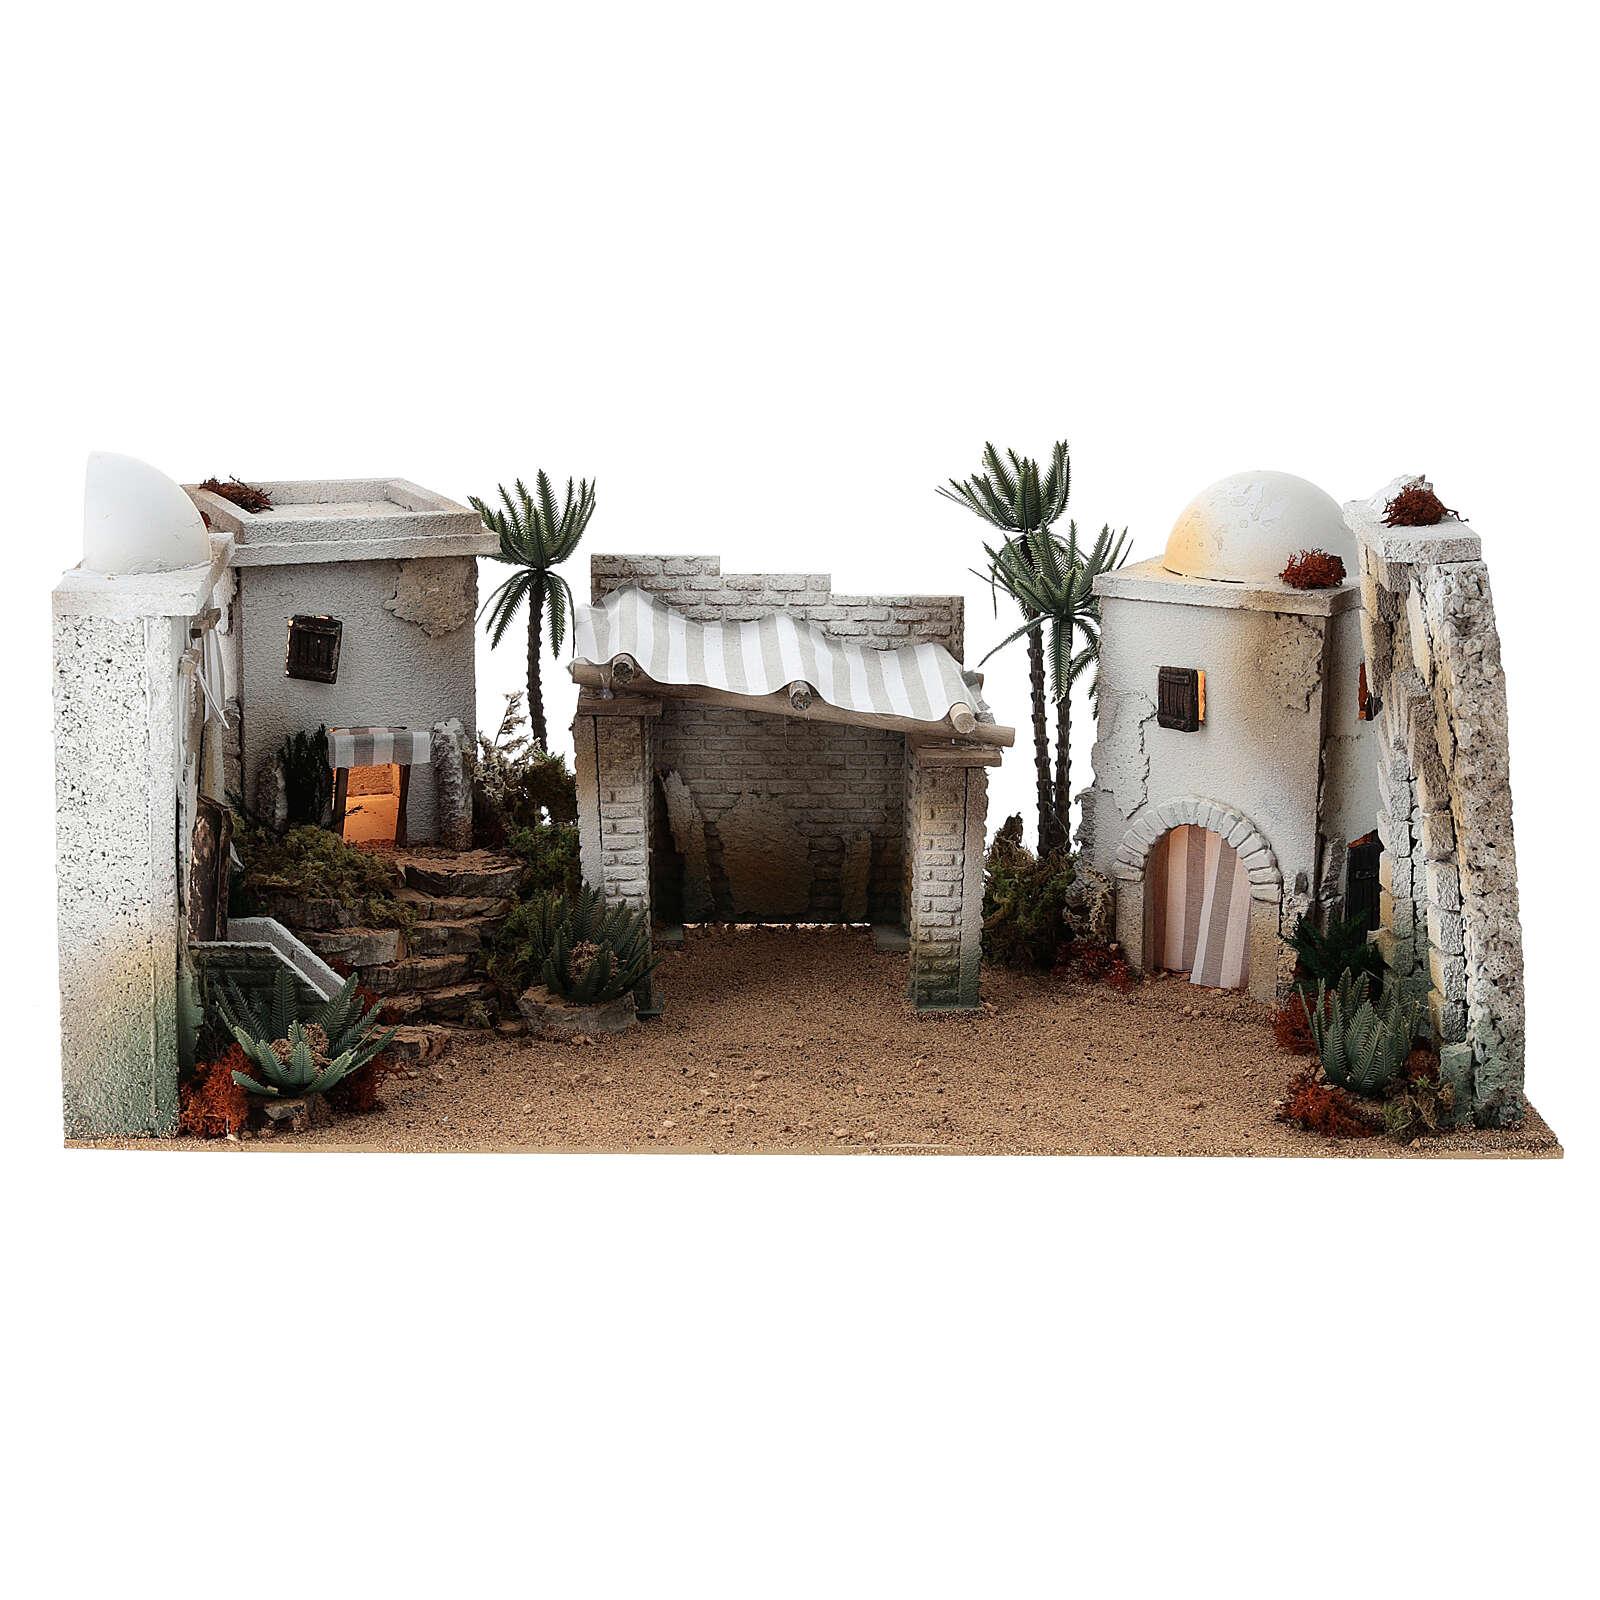 Composición árabe de corcho cúpula y terraza 30x60x40 cm LADO DERECHO 4